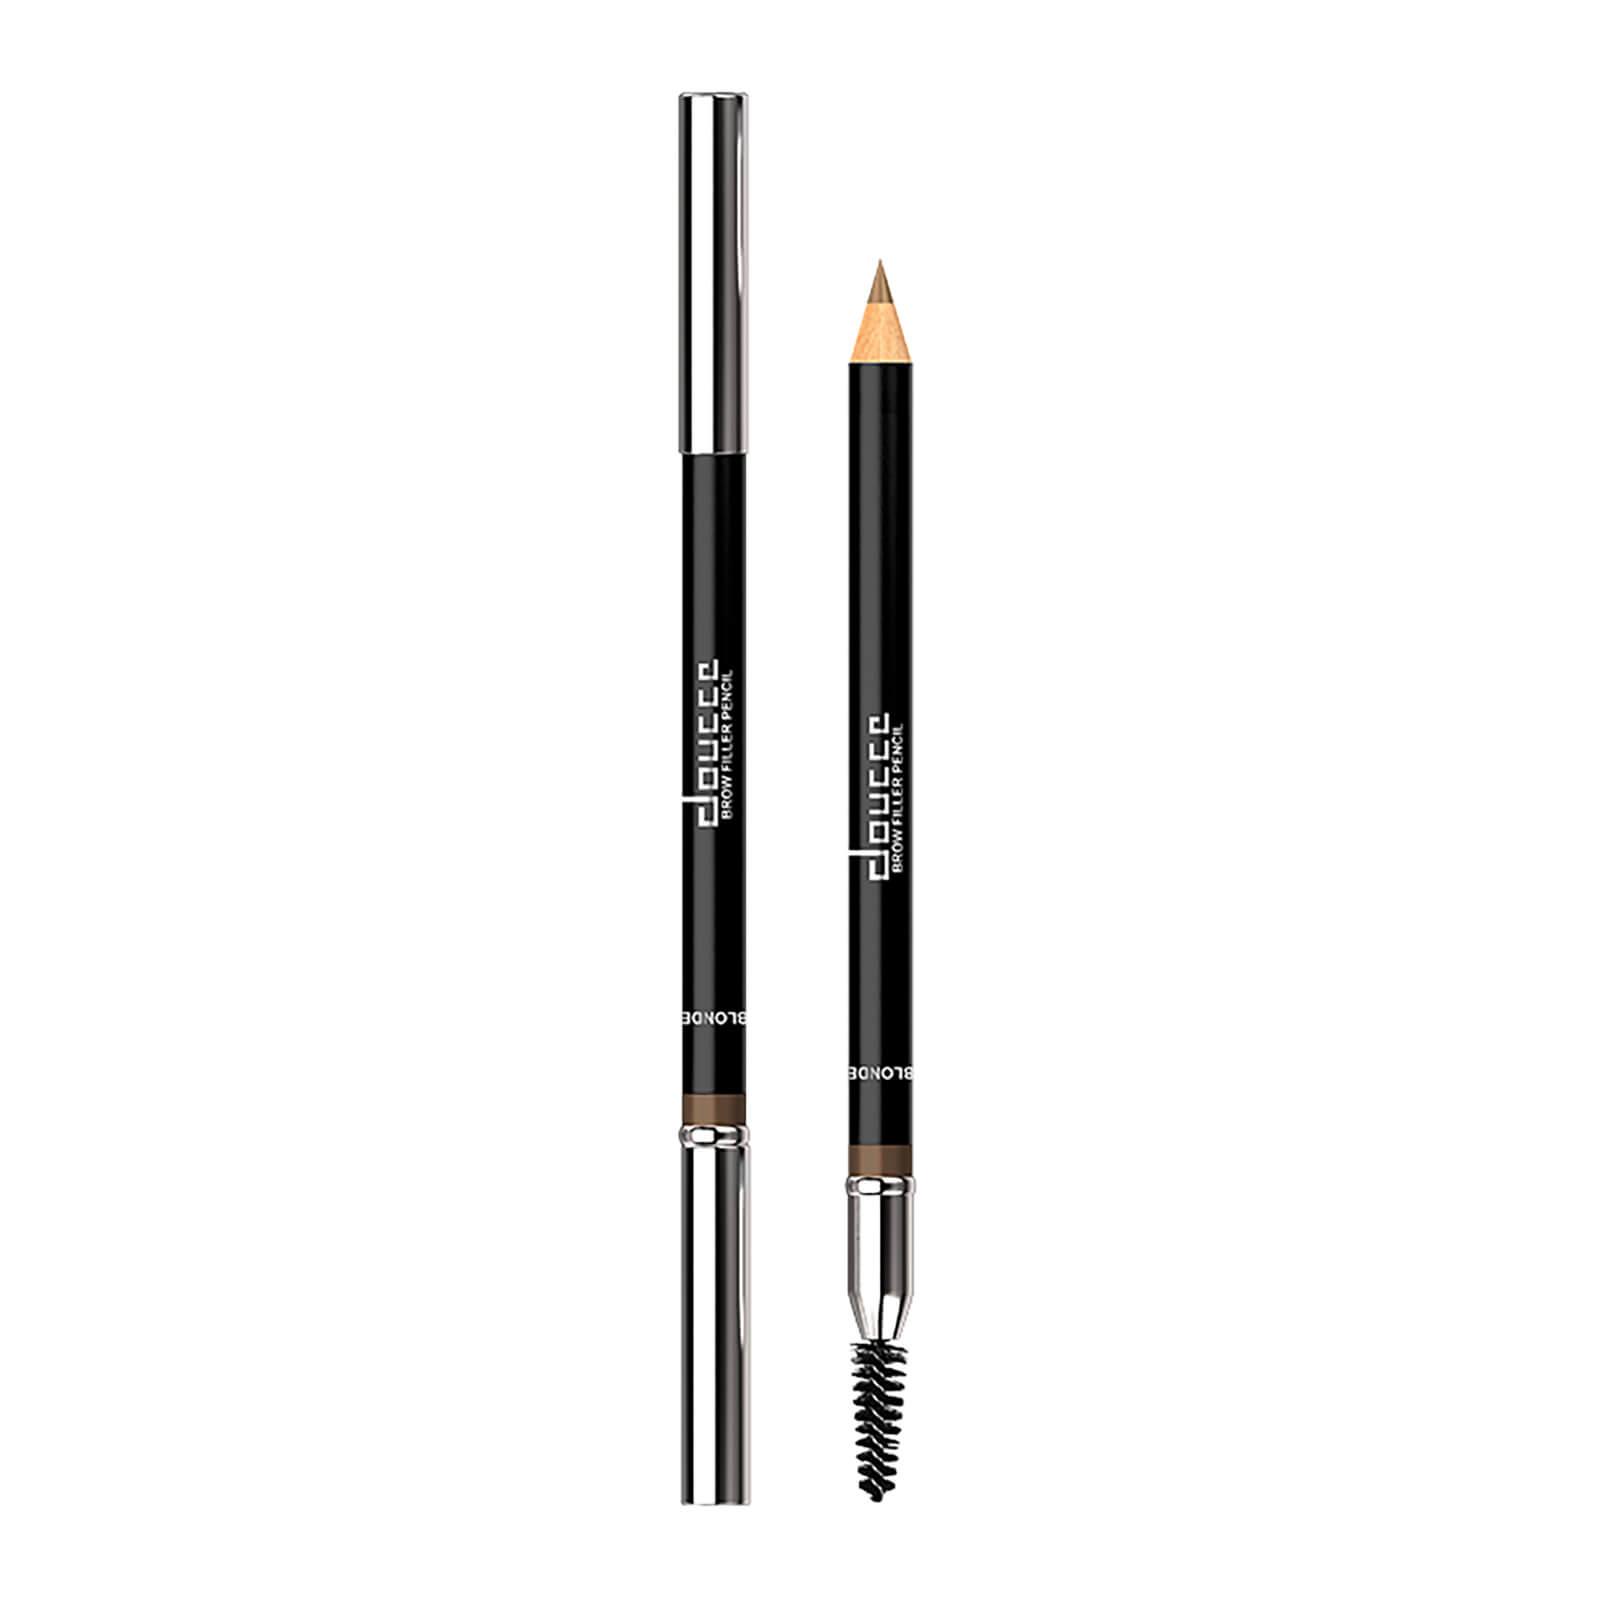 doucce Brow Filler matita per sopracciglia - 1,25 g (varie tonalità) - Blonde (620)